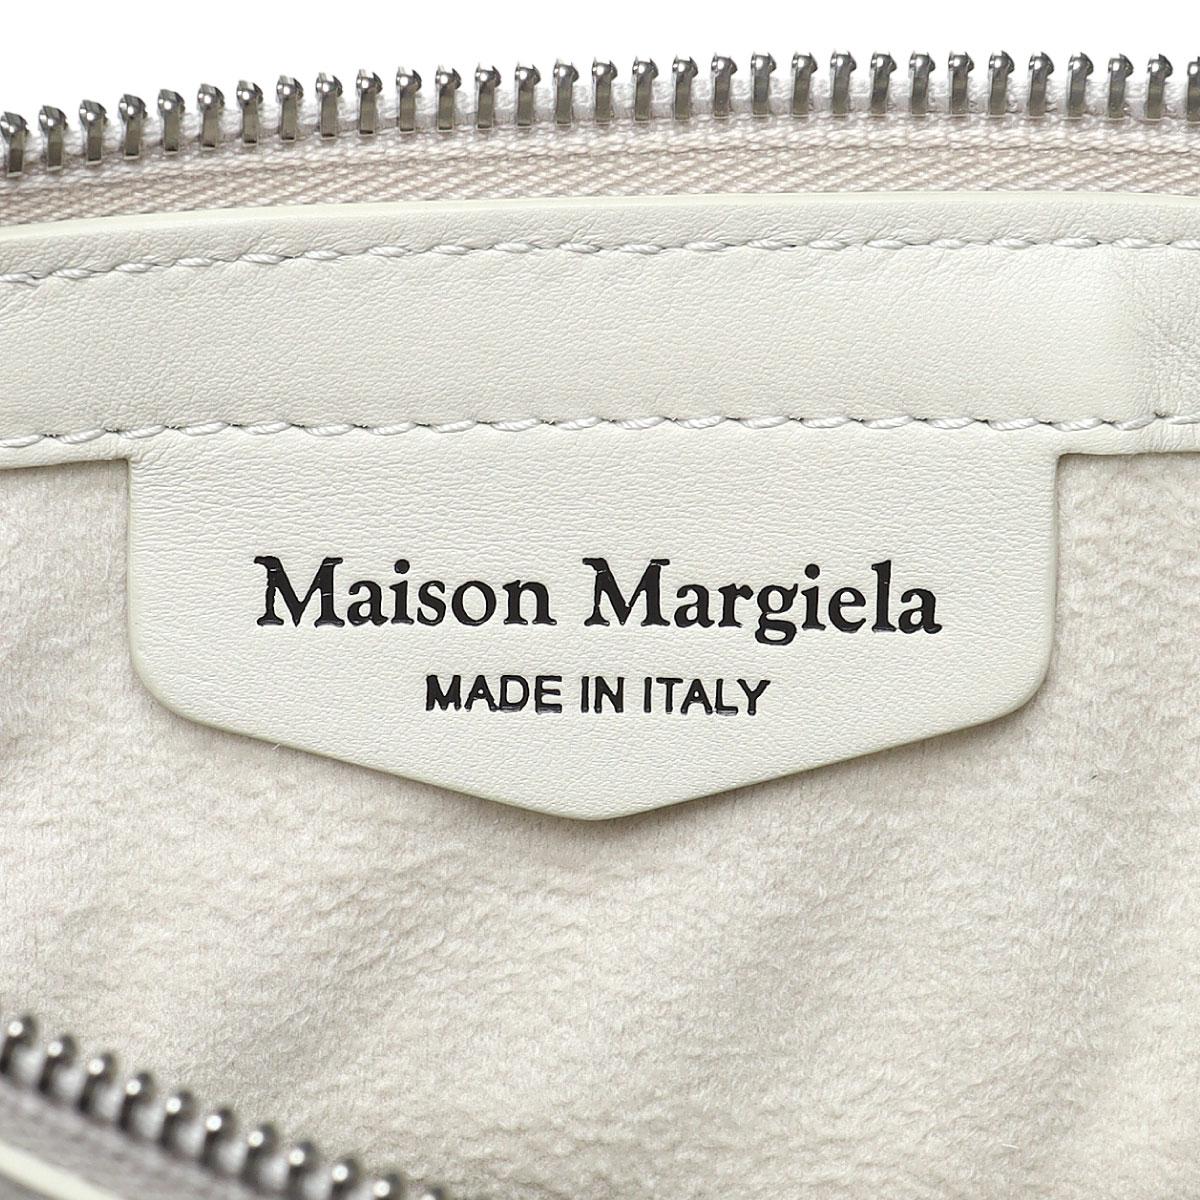 MAISON MARGIELA メゾン マルジェラ | ライン11 ショルダー付 ハンドバッグ ミニ | 5AC ファイブエーシー